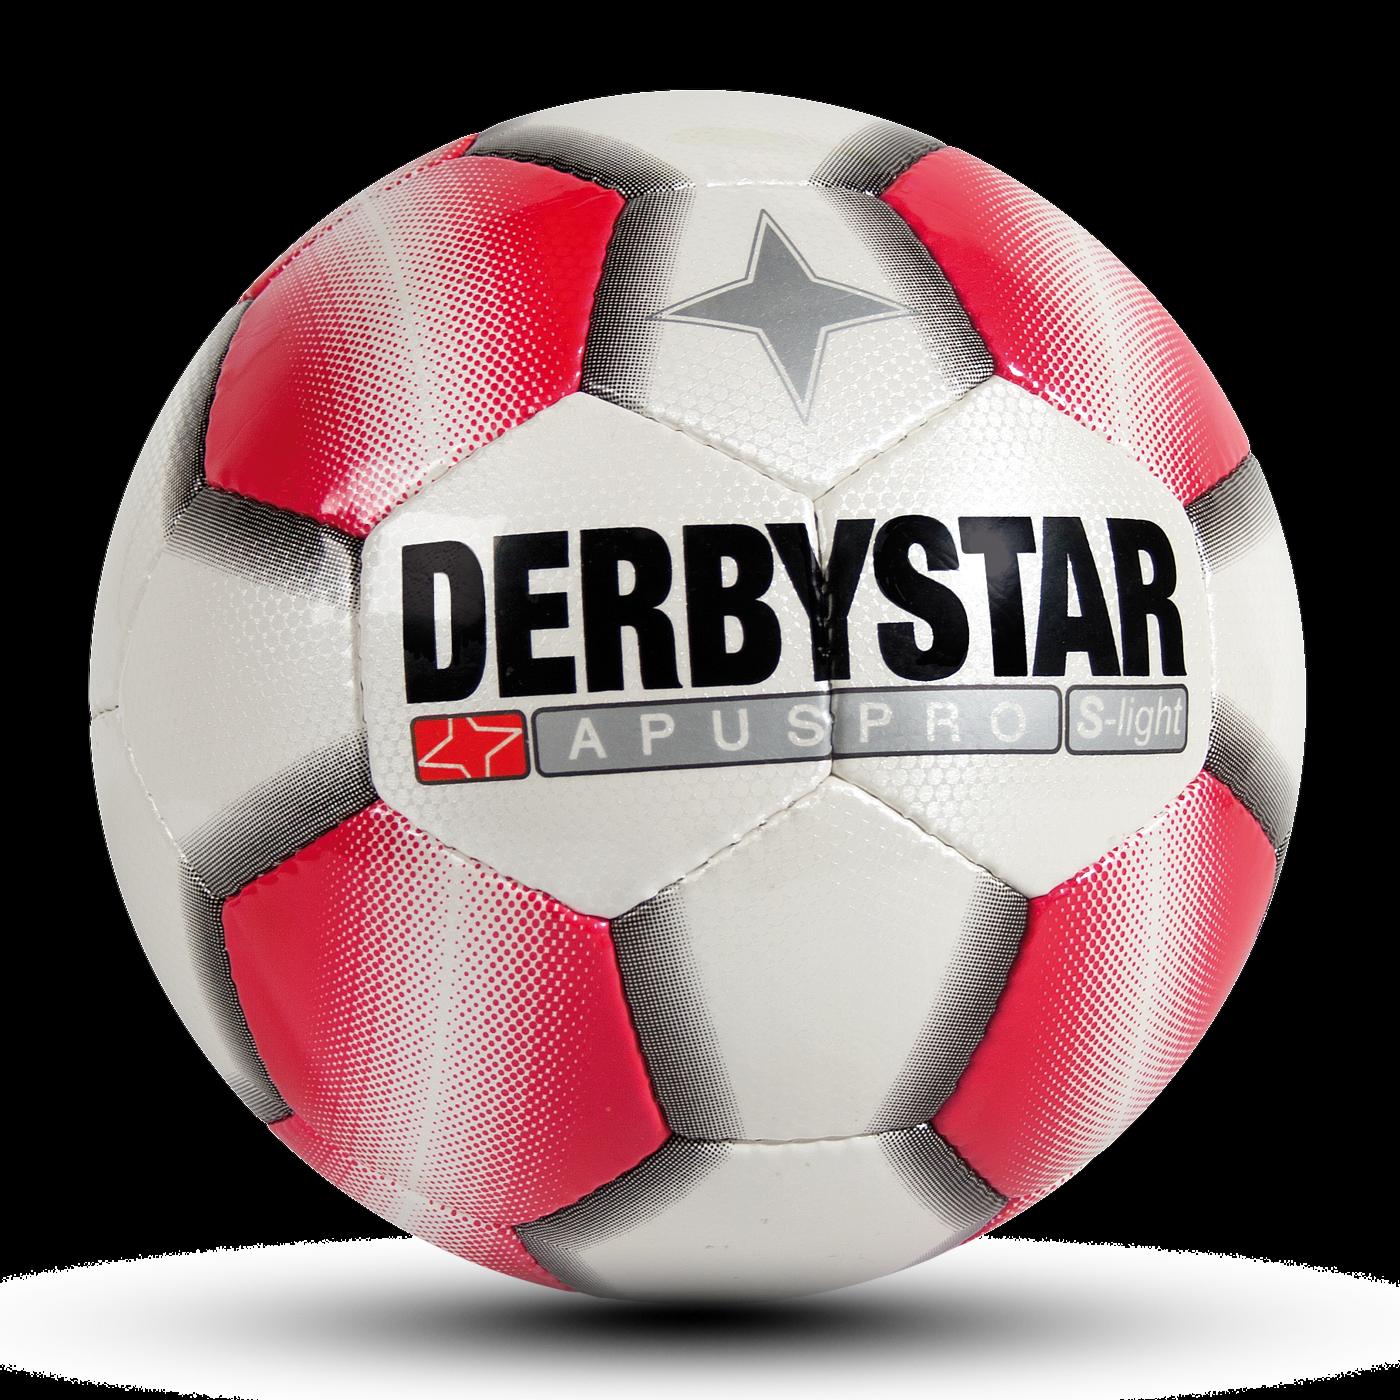 10 Derbystar Fußbälle APUS Pro S-Light, Gr. 4